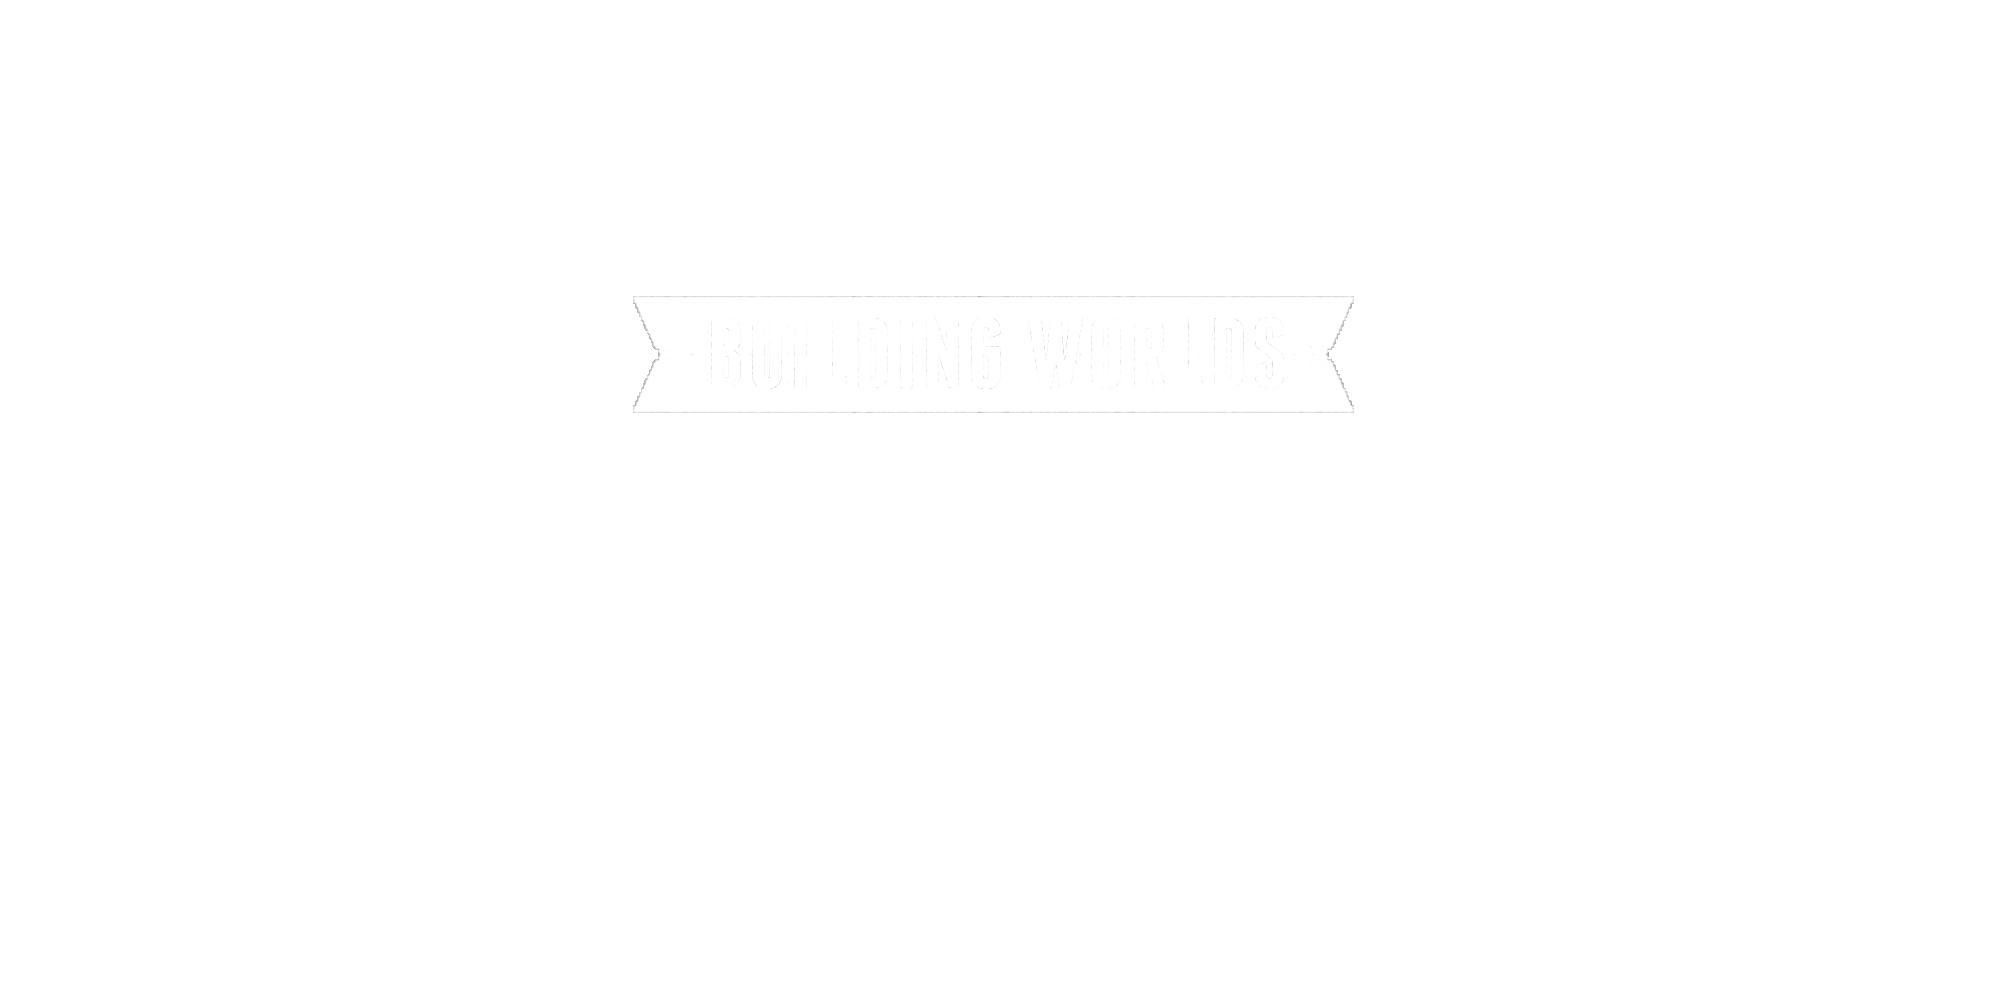 FlowPlay-hero-copy---people.png